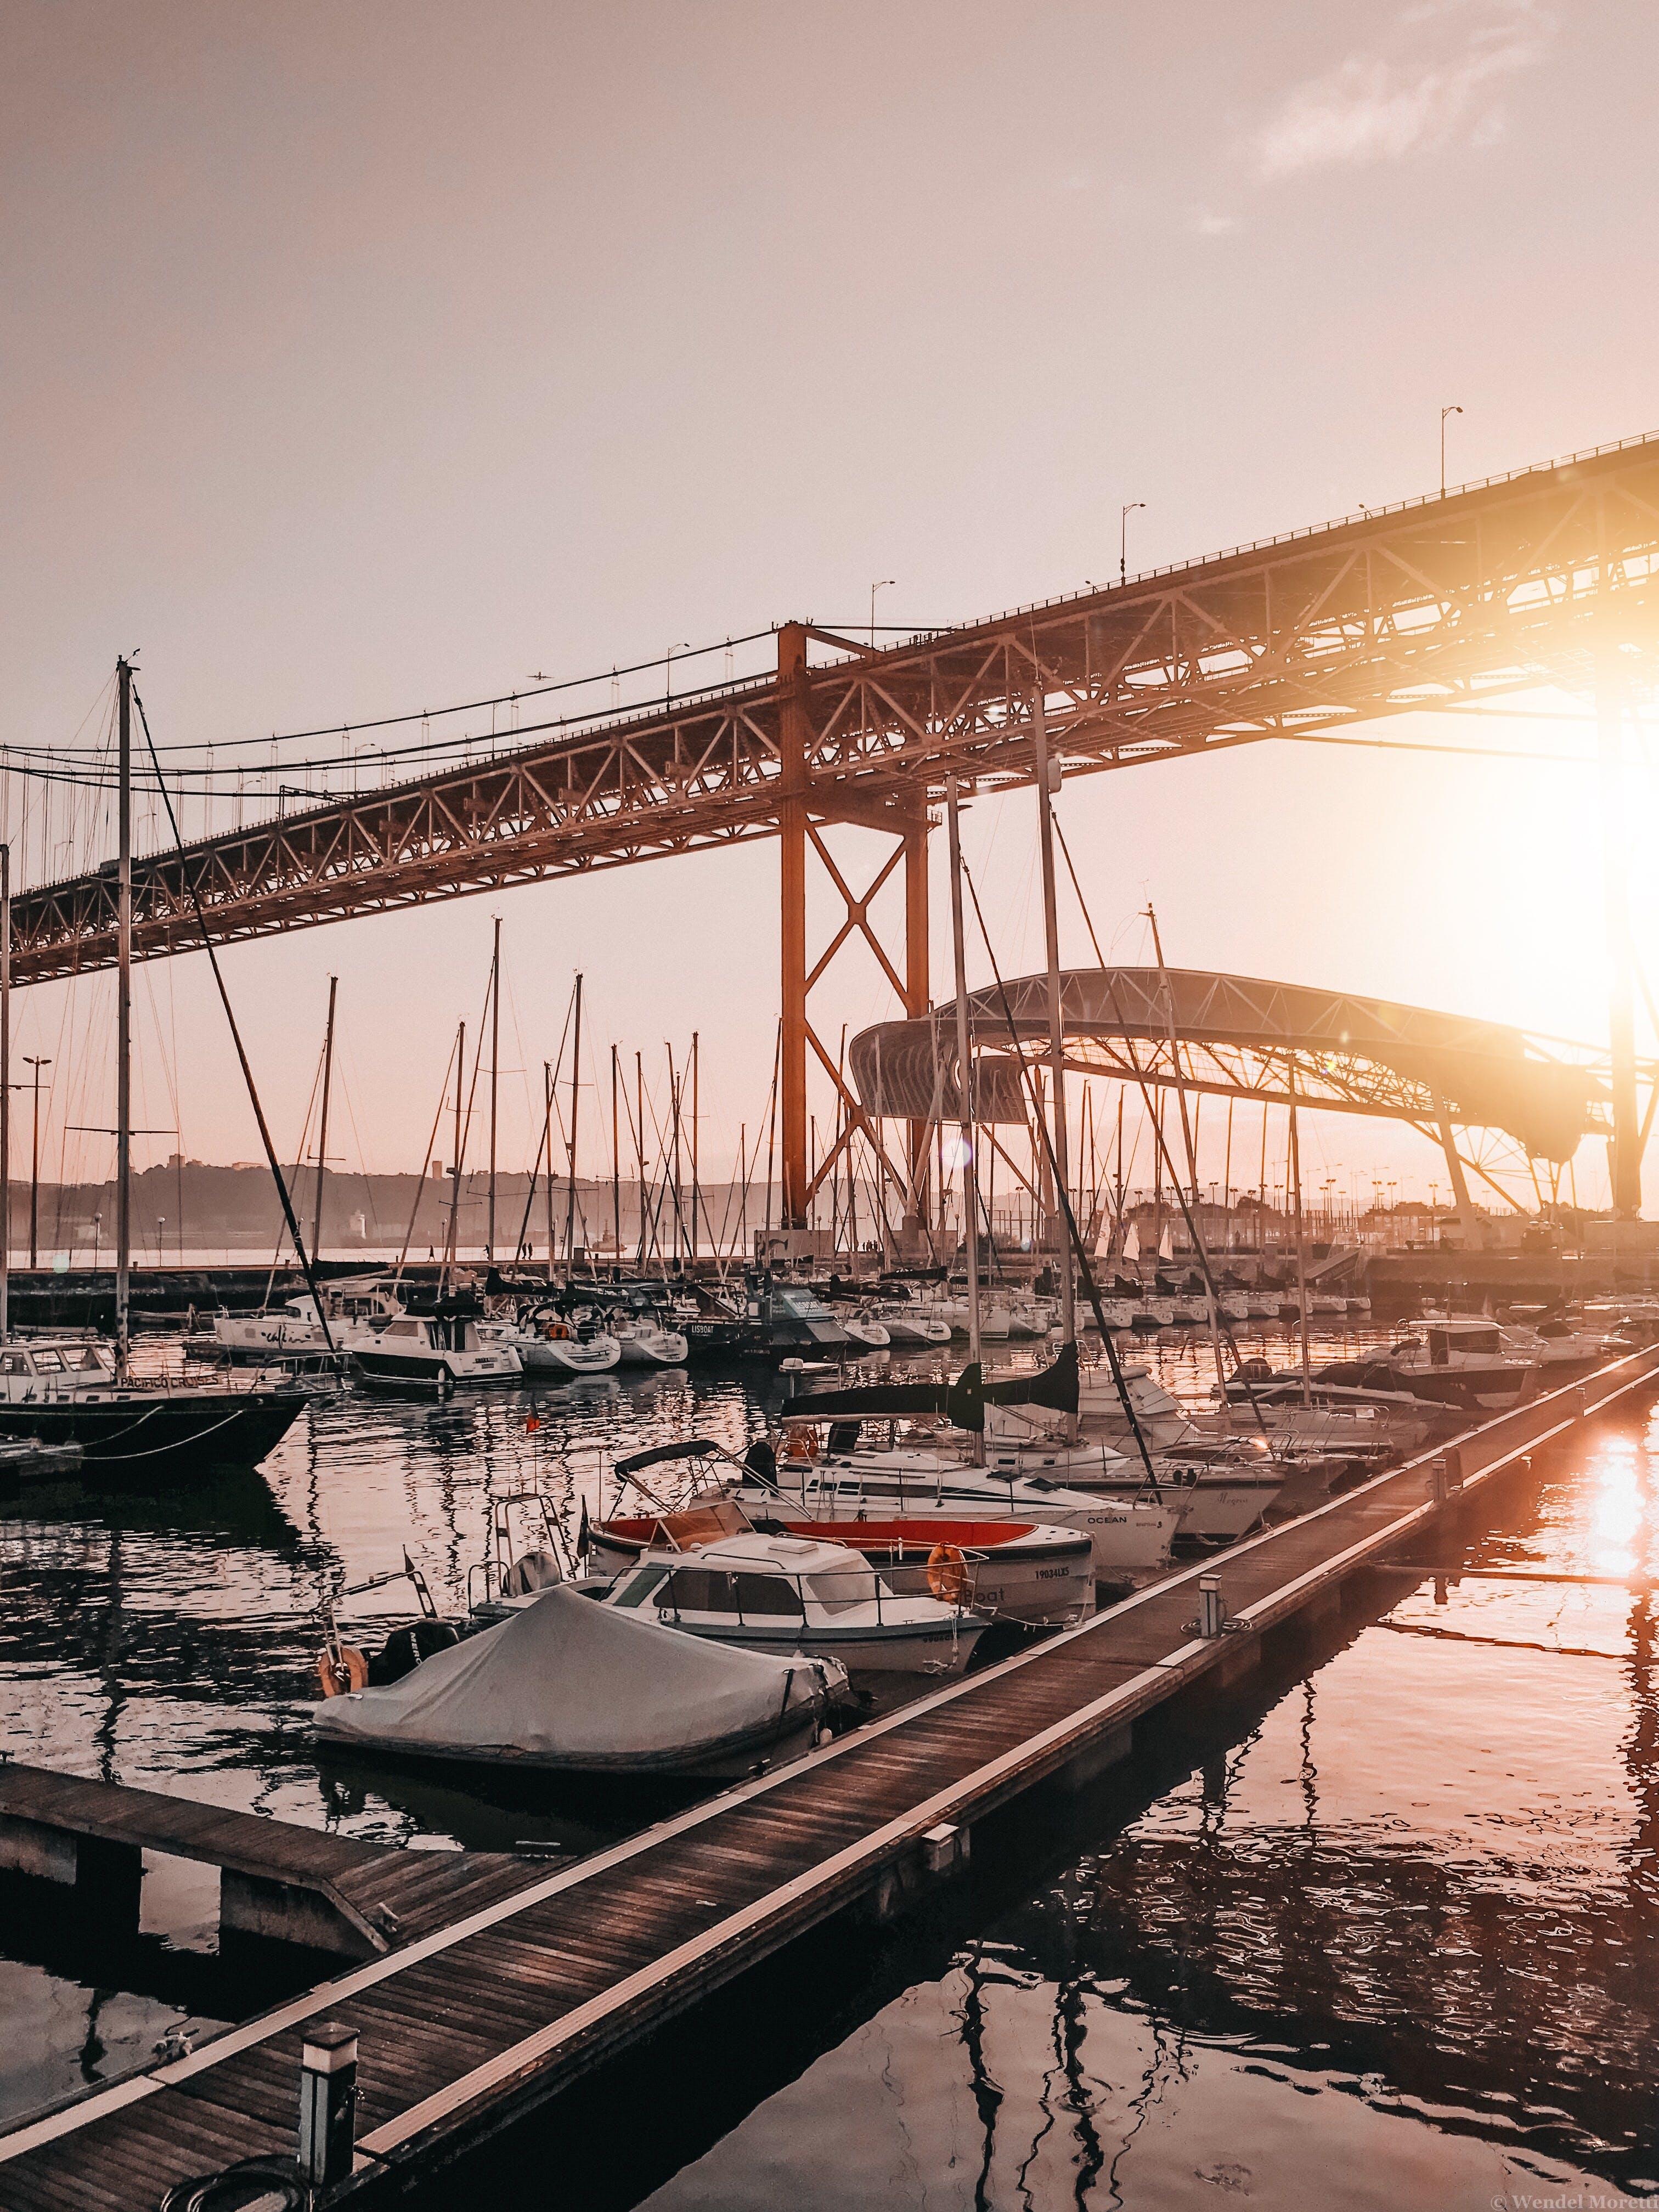 Základová fotografie zdarma na téma čluny, dopravní systém, jachty, moře